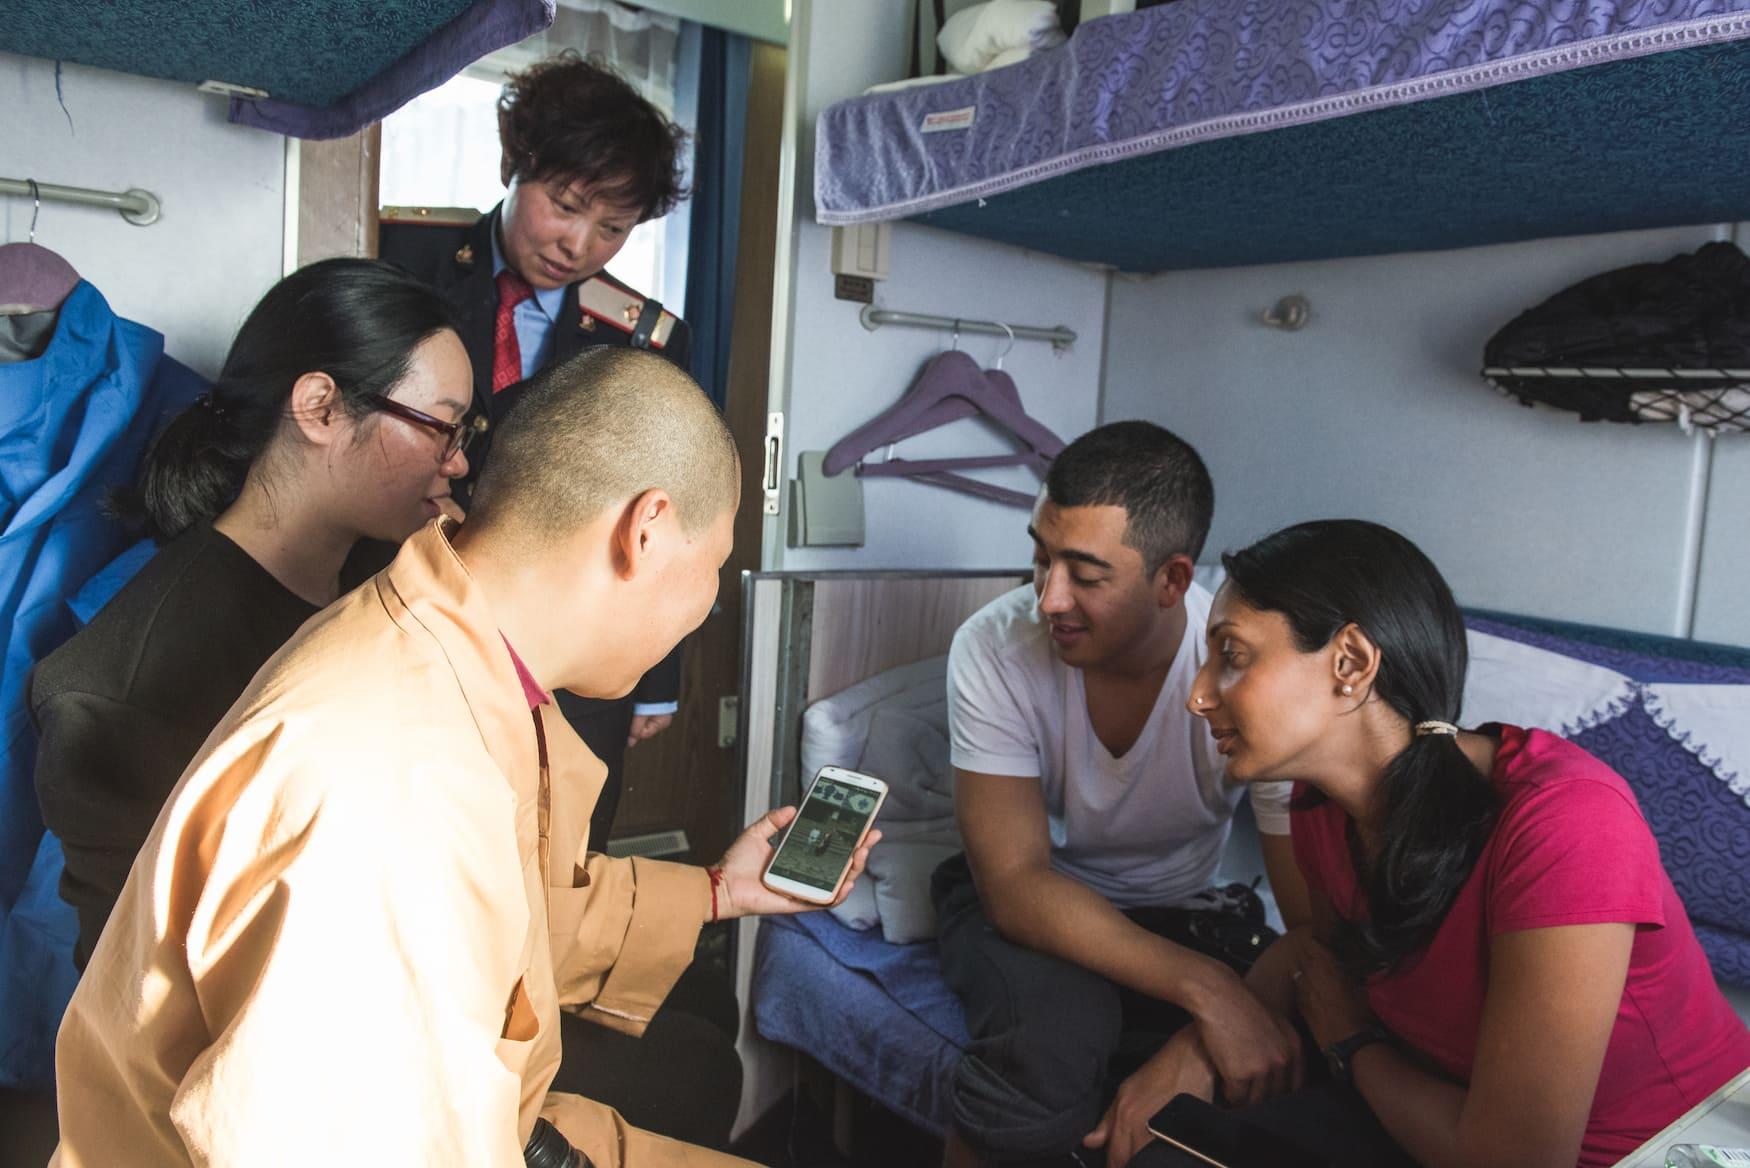 Einheimische sitzen in Zug in Tibet und zeigen sich Handyvideos